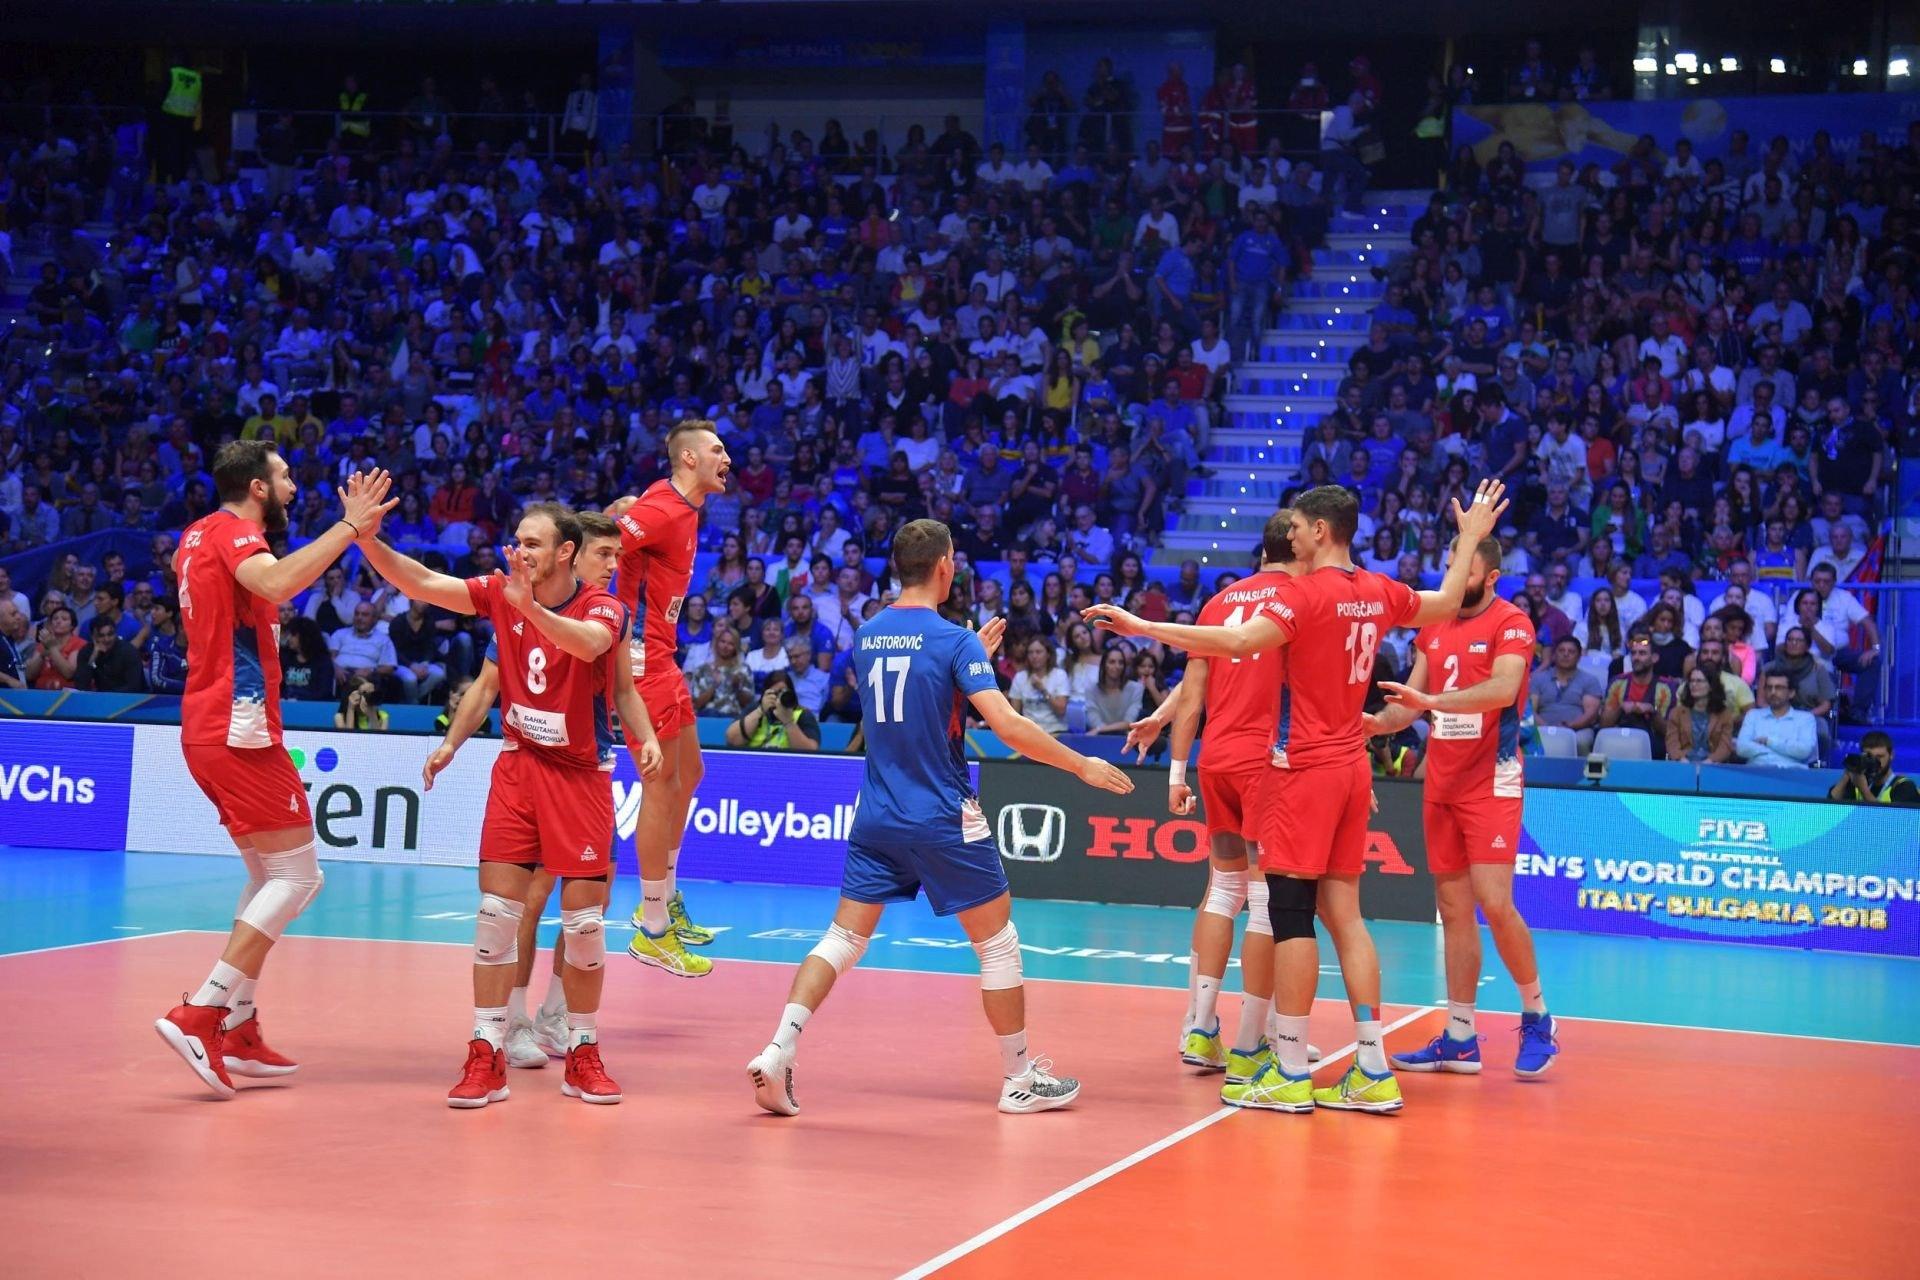 Παγκόσμιο Πρωτάθλημα βόλεϊ: Απίθανη Σερβία